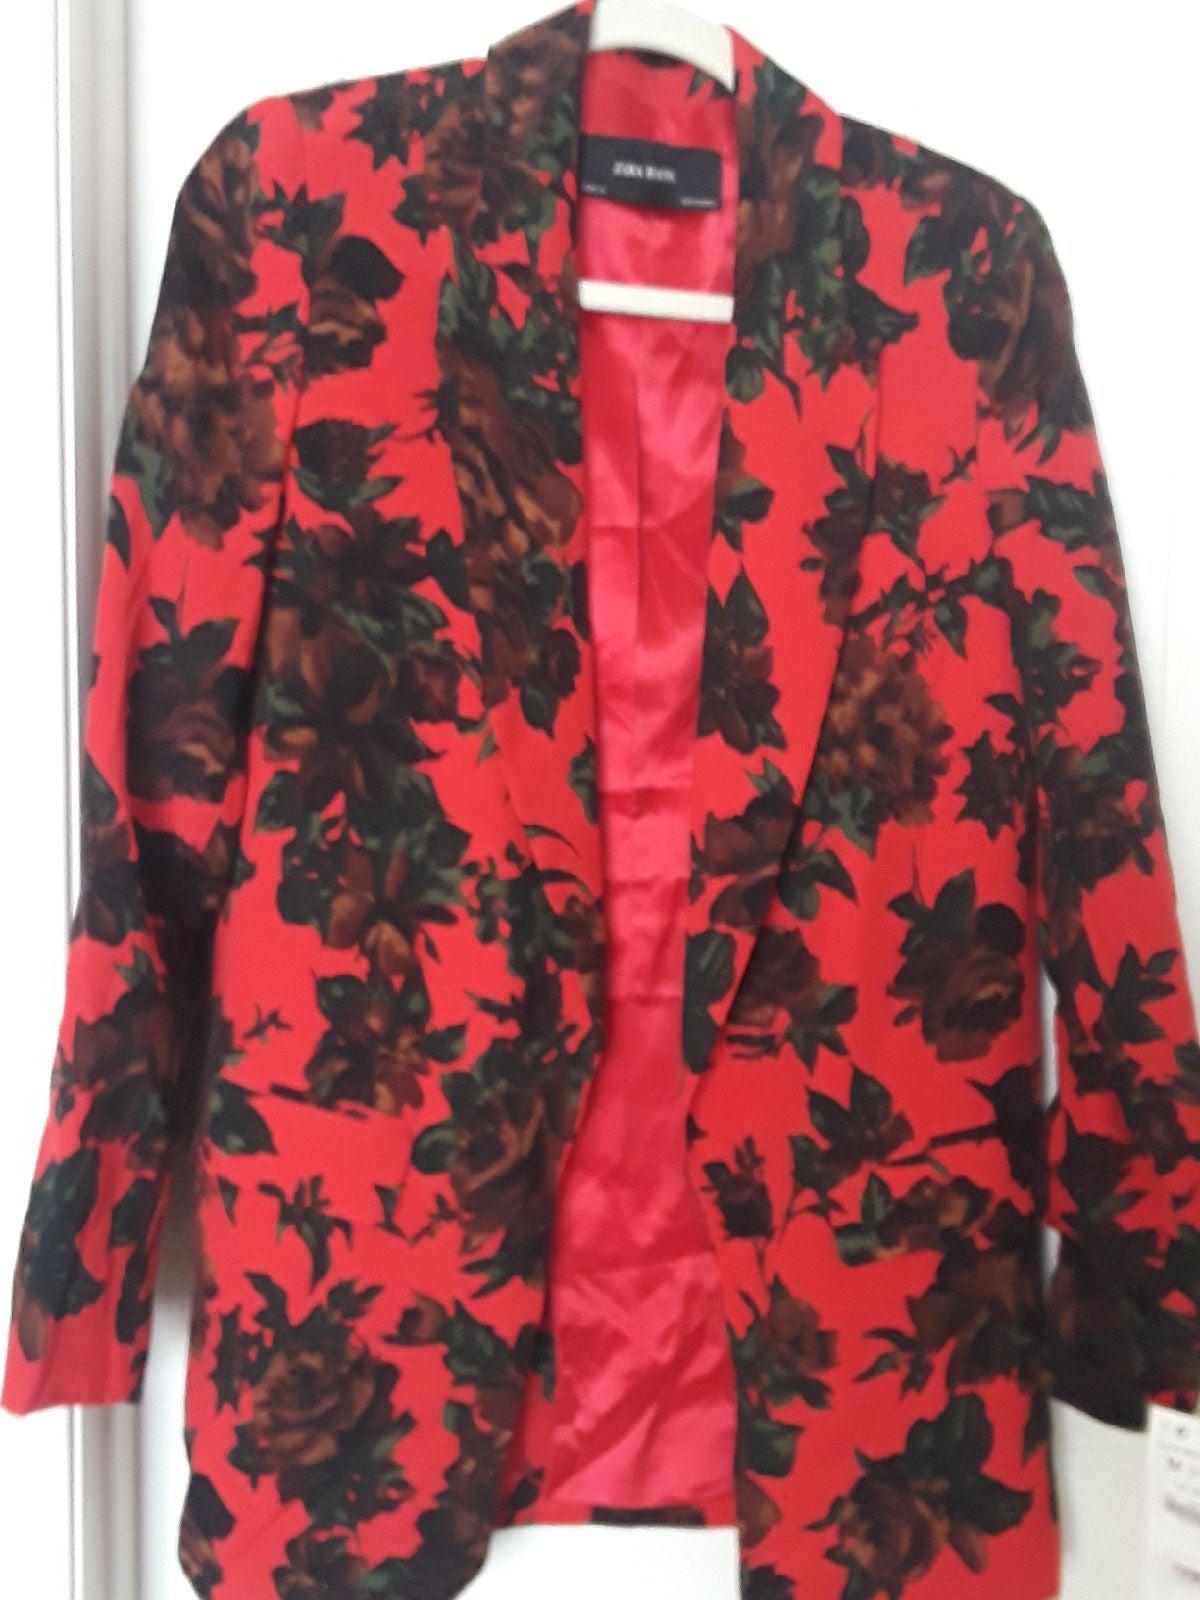 Zara blazer cardigan